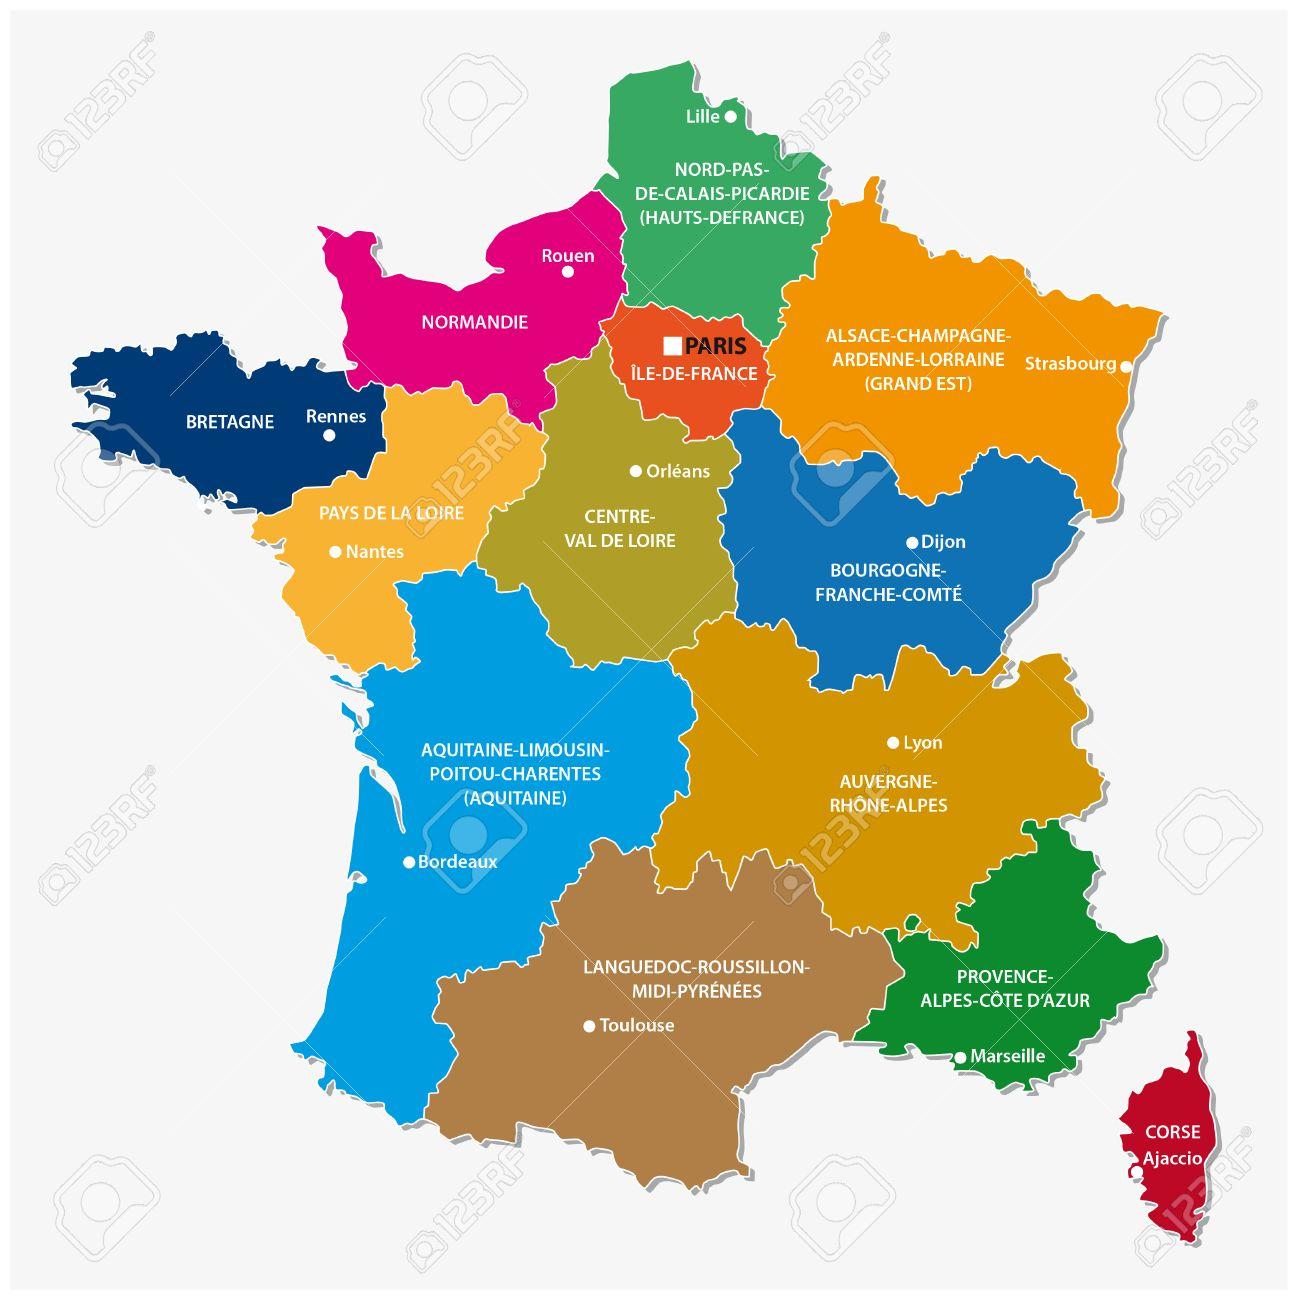 Les Nouvelles Régions De France Depuis La Carte tout Les Nouvelles Régions De France